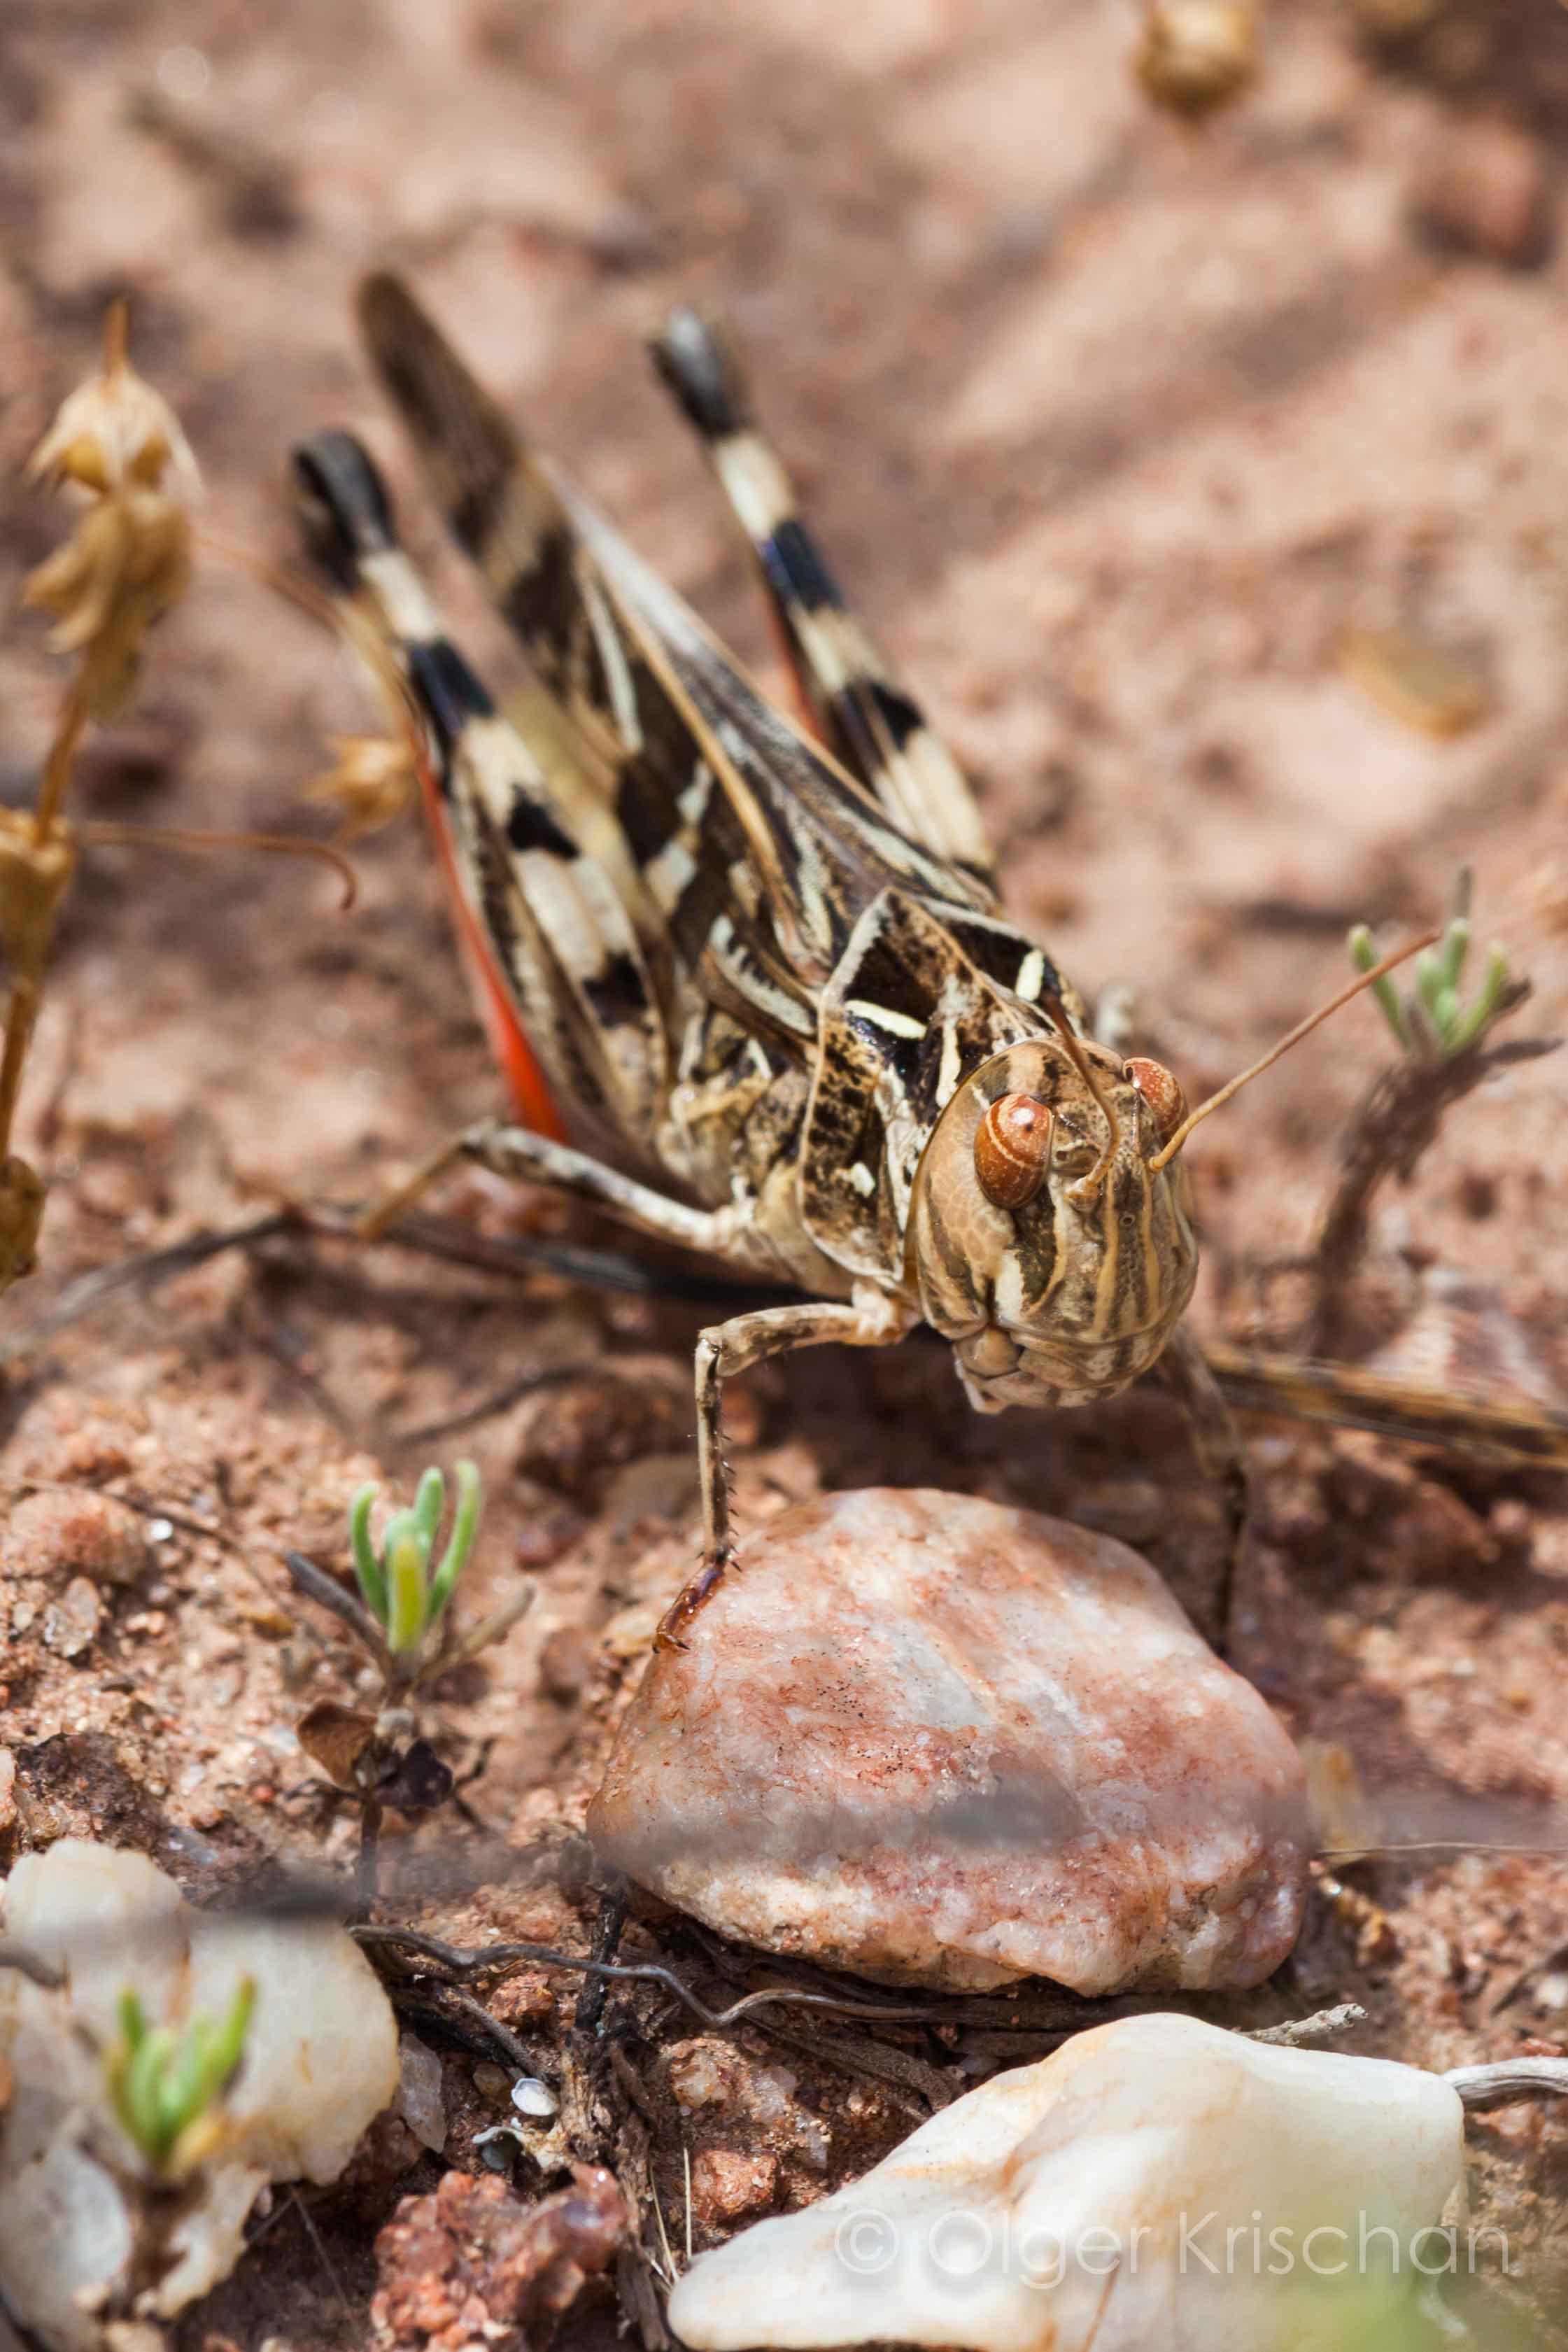 Grasshopper ♂︎ (Acrididaea spec.), Plaine des Maures (F)